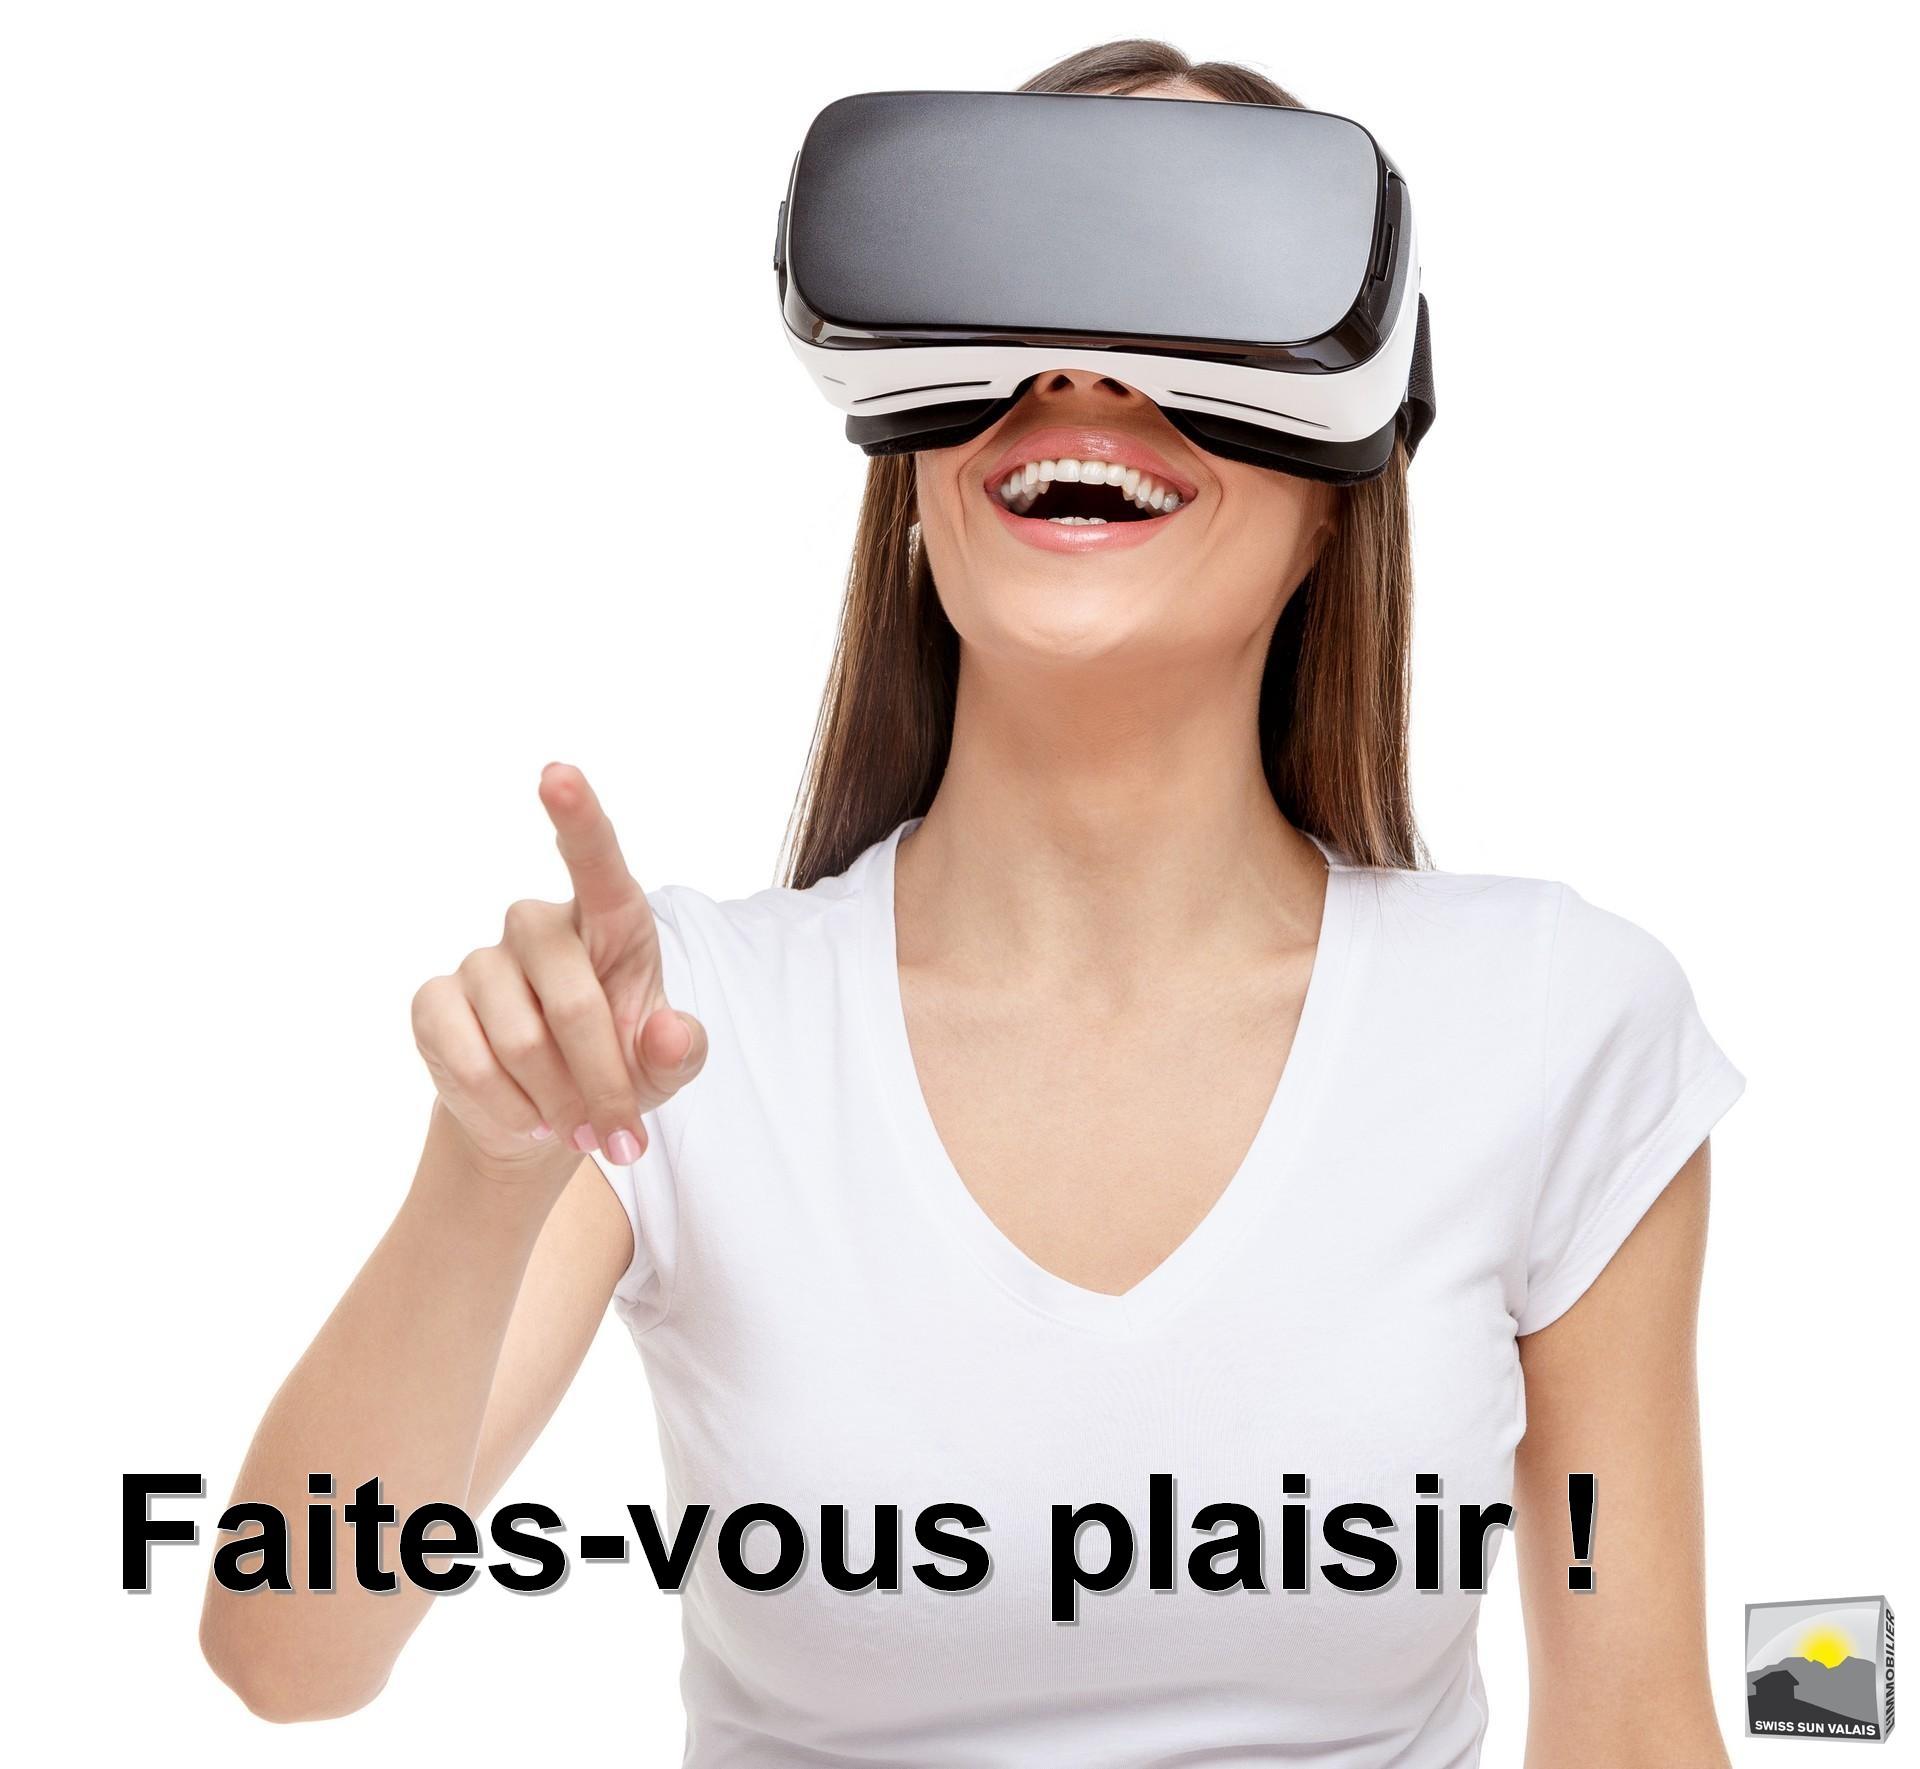 12.Swiss Sun Valais ® Vous avez vendu votre bien grace à la visite virtuelle en Valais Suisse. 1er réseau immobilier du Valais ®